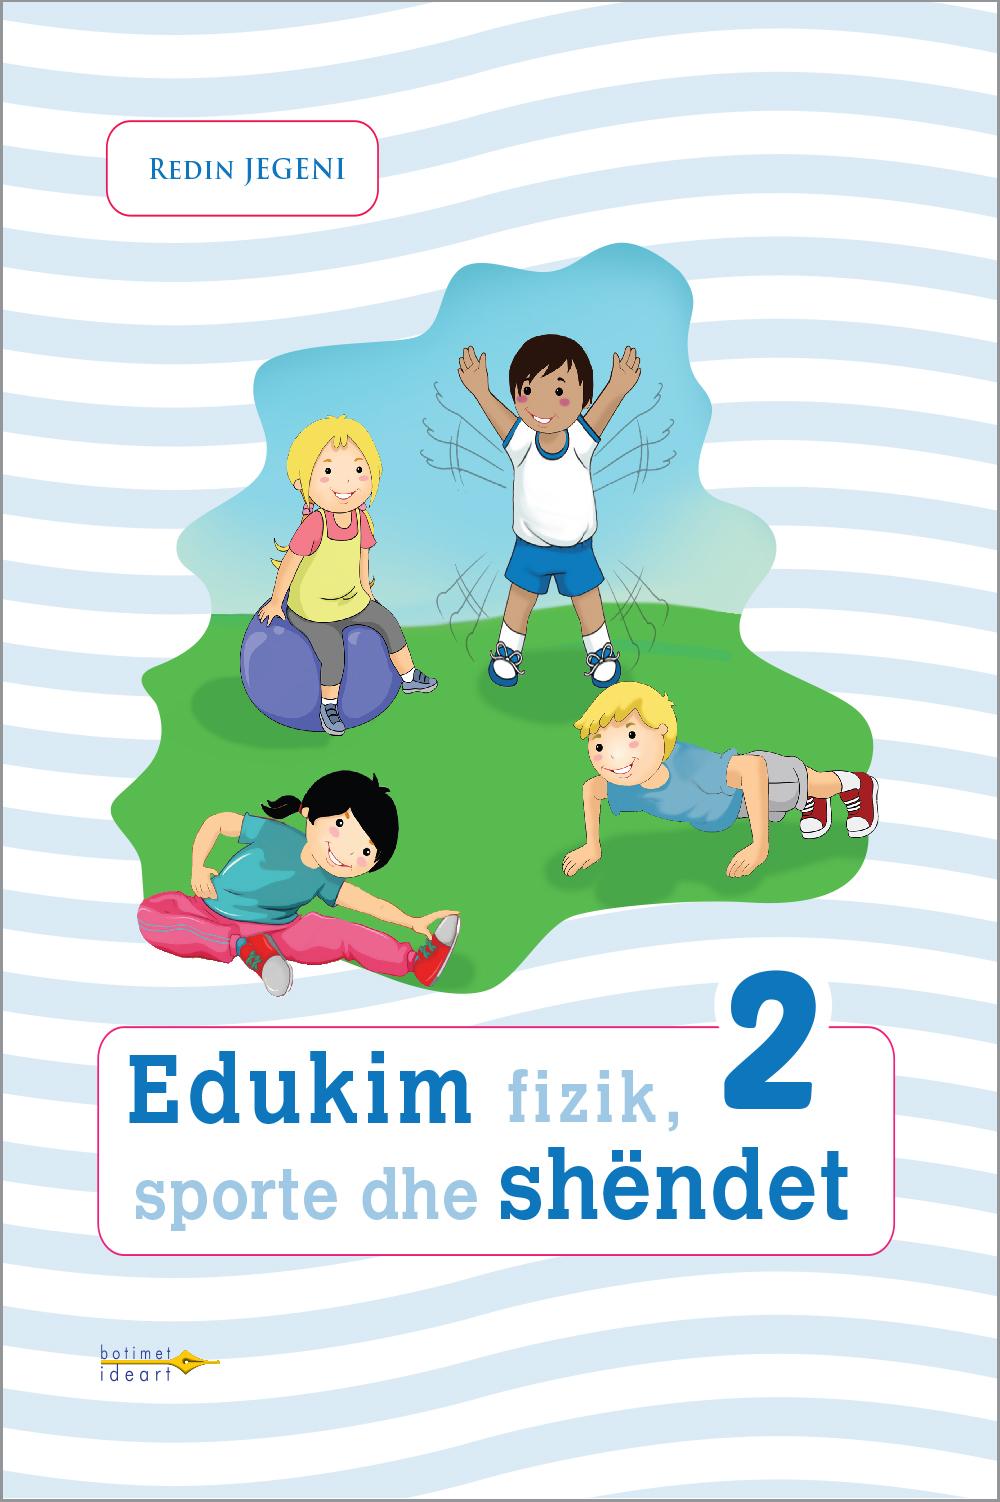 Edukim fizik, sporte dhe shëndet 2